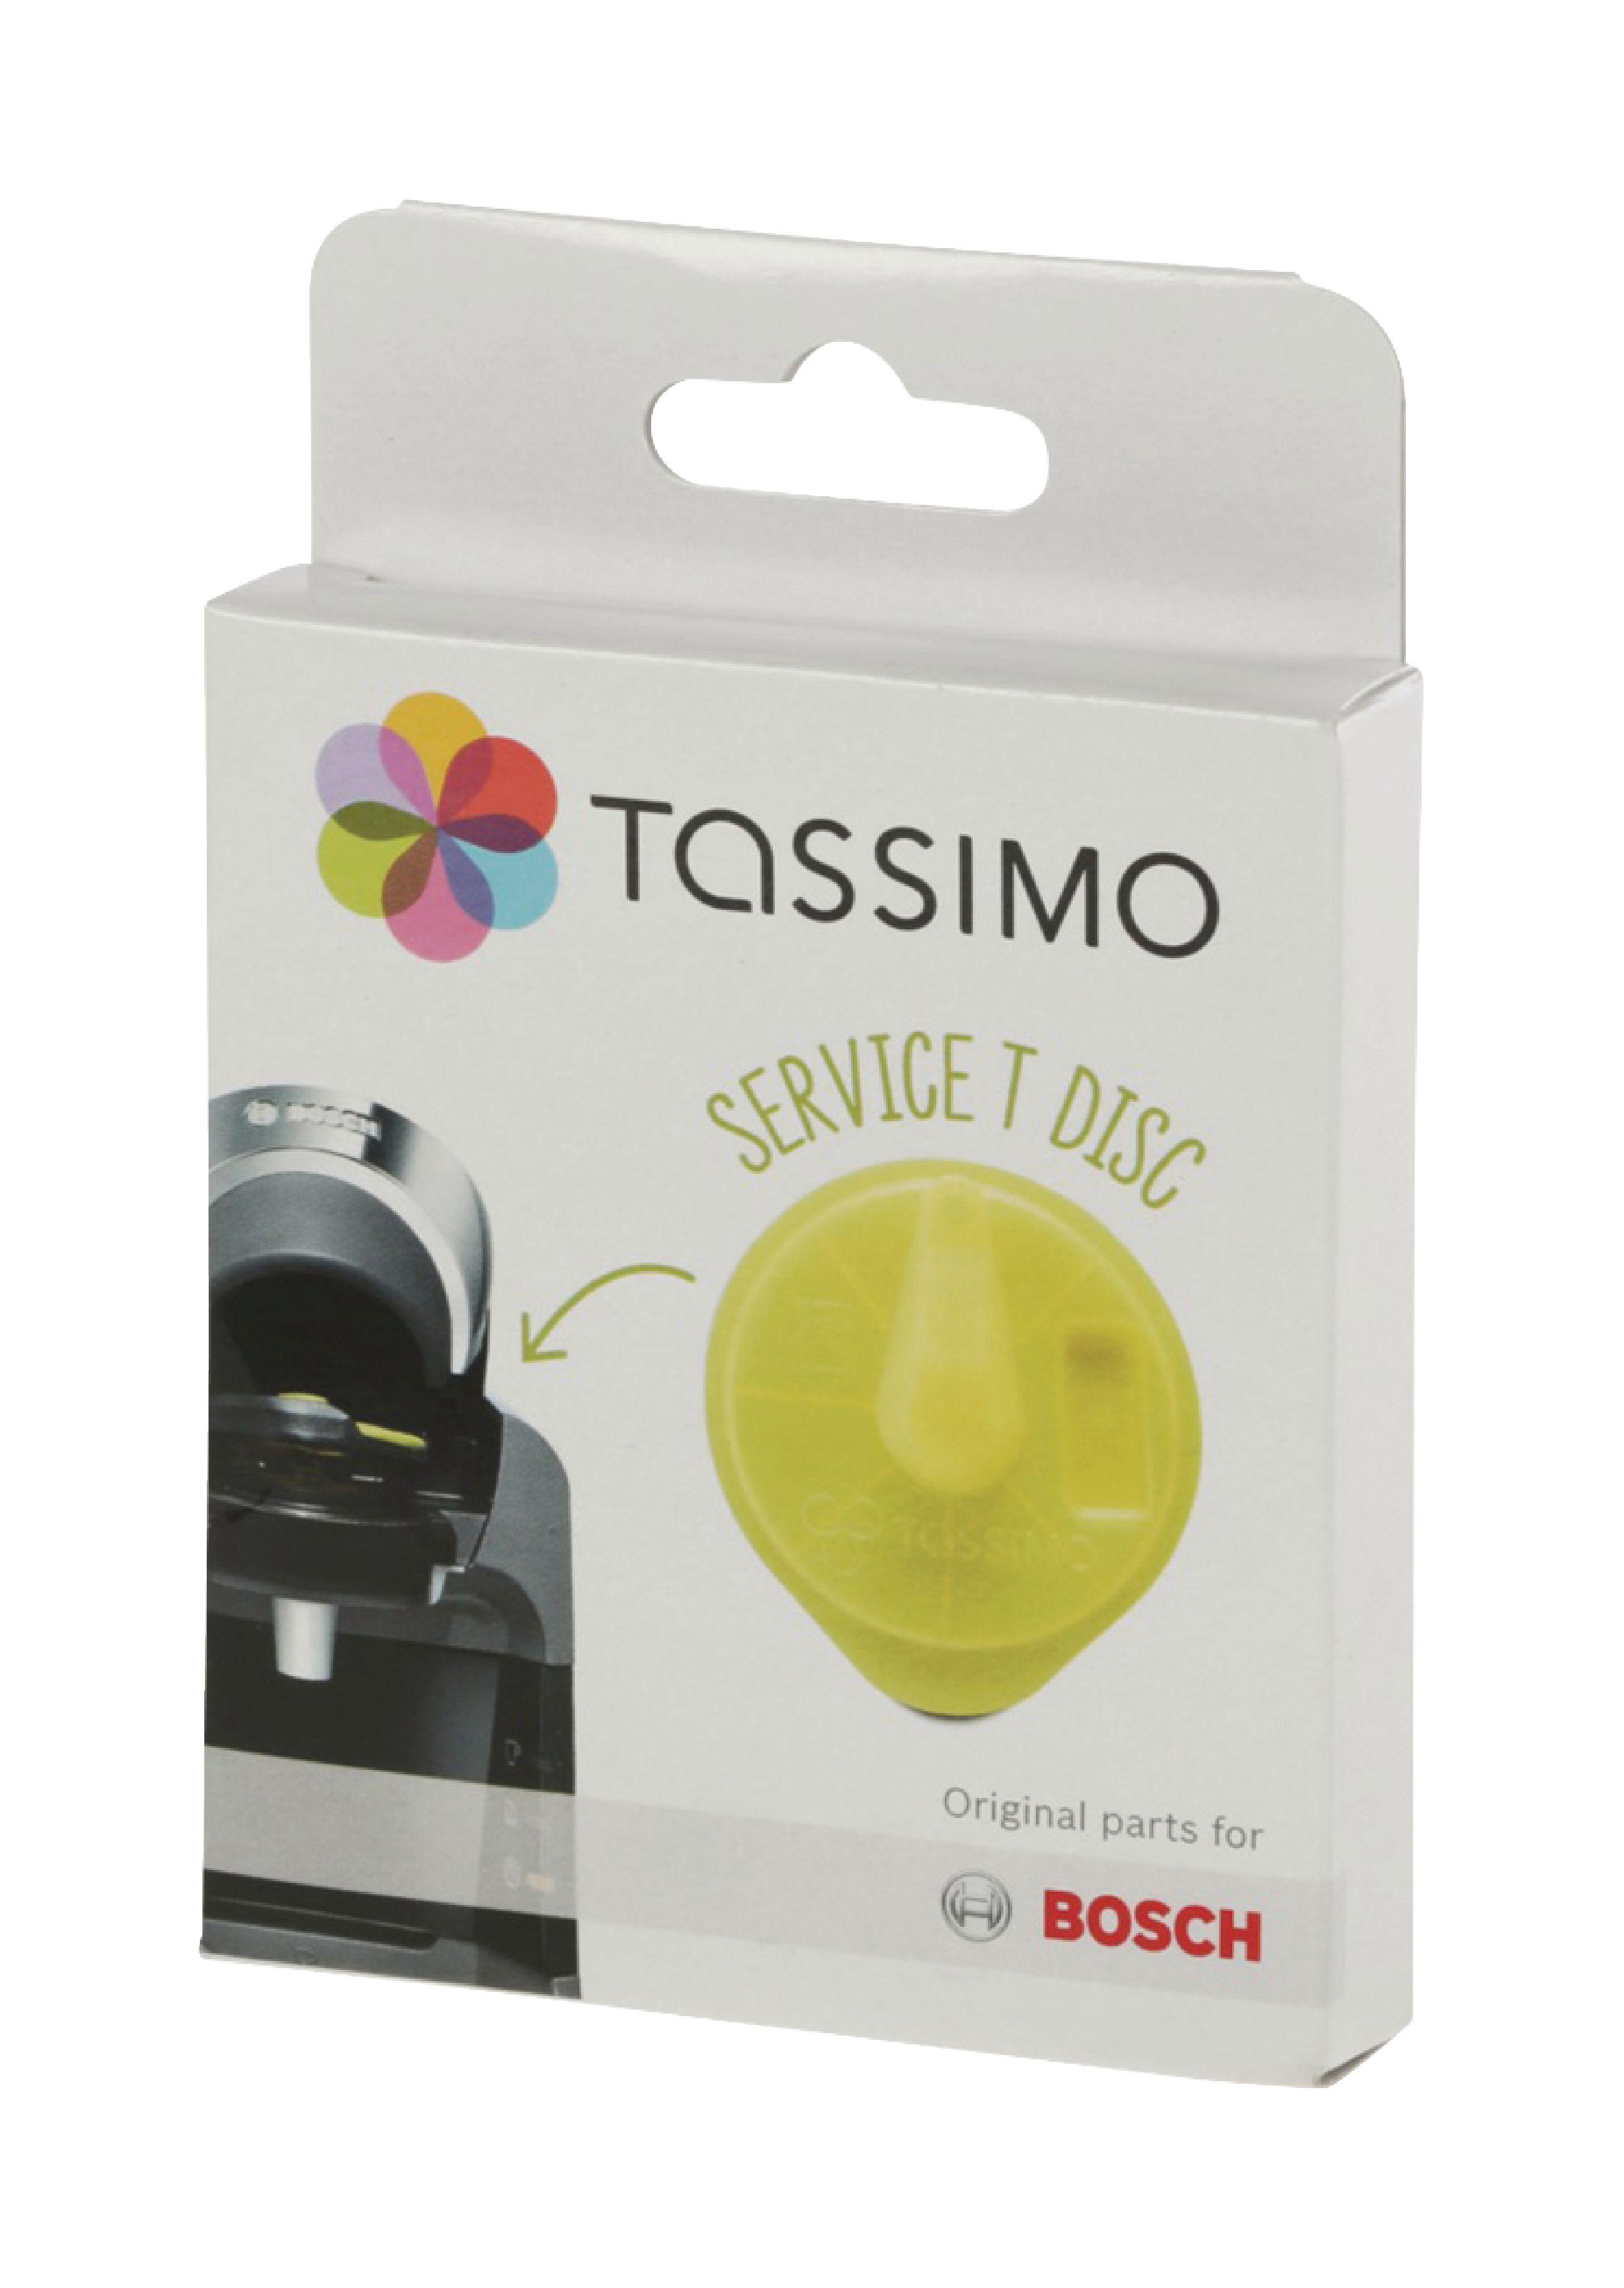 Servisní T-Disk kávovar Tassimo orig. 576836